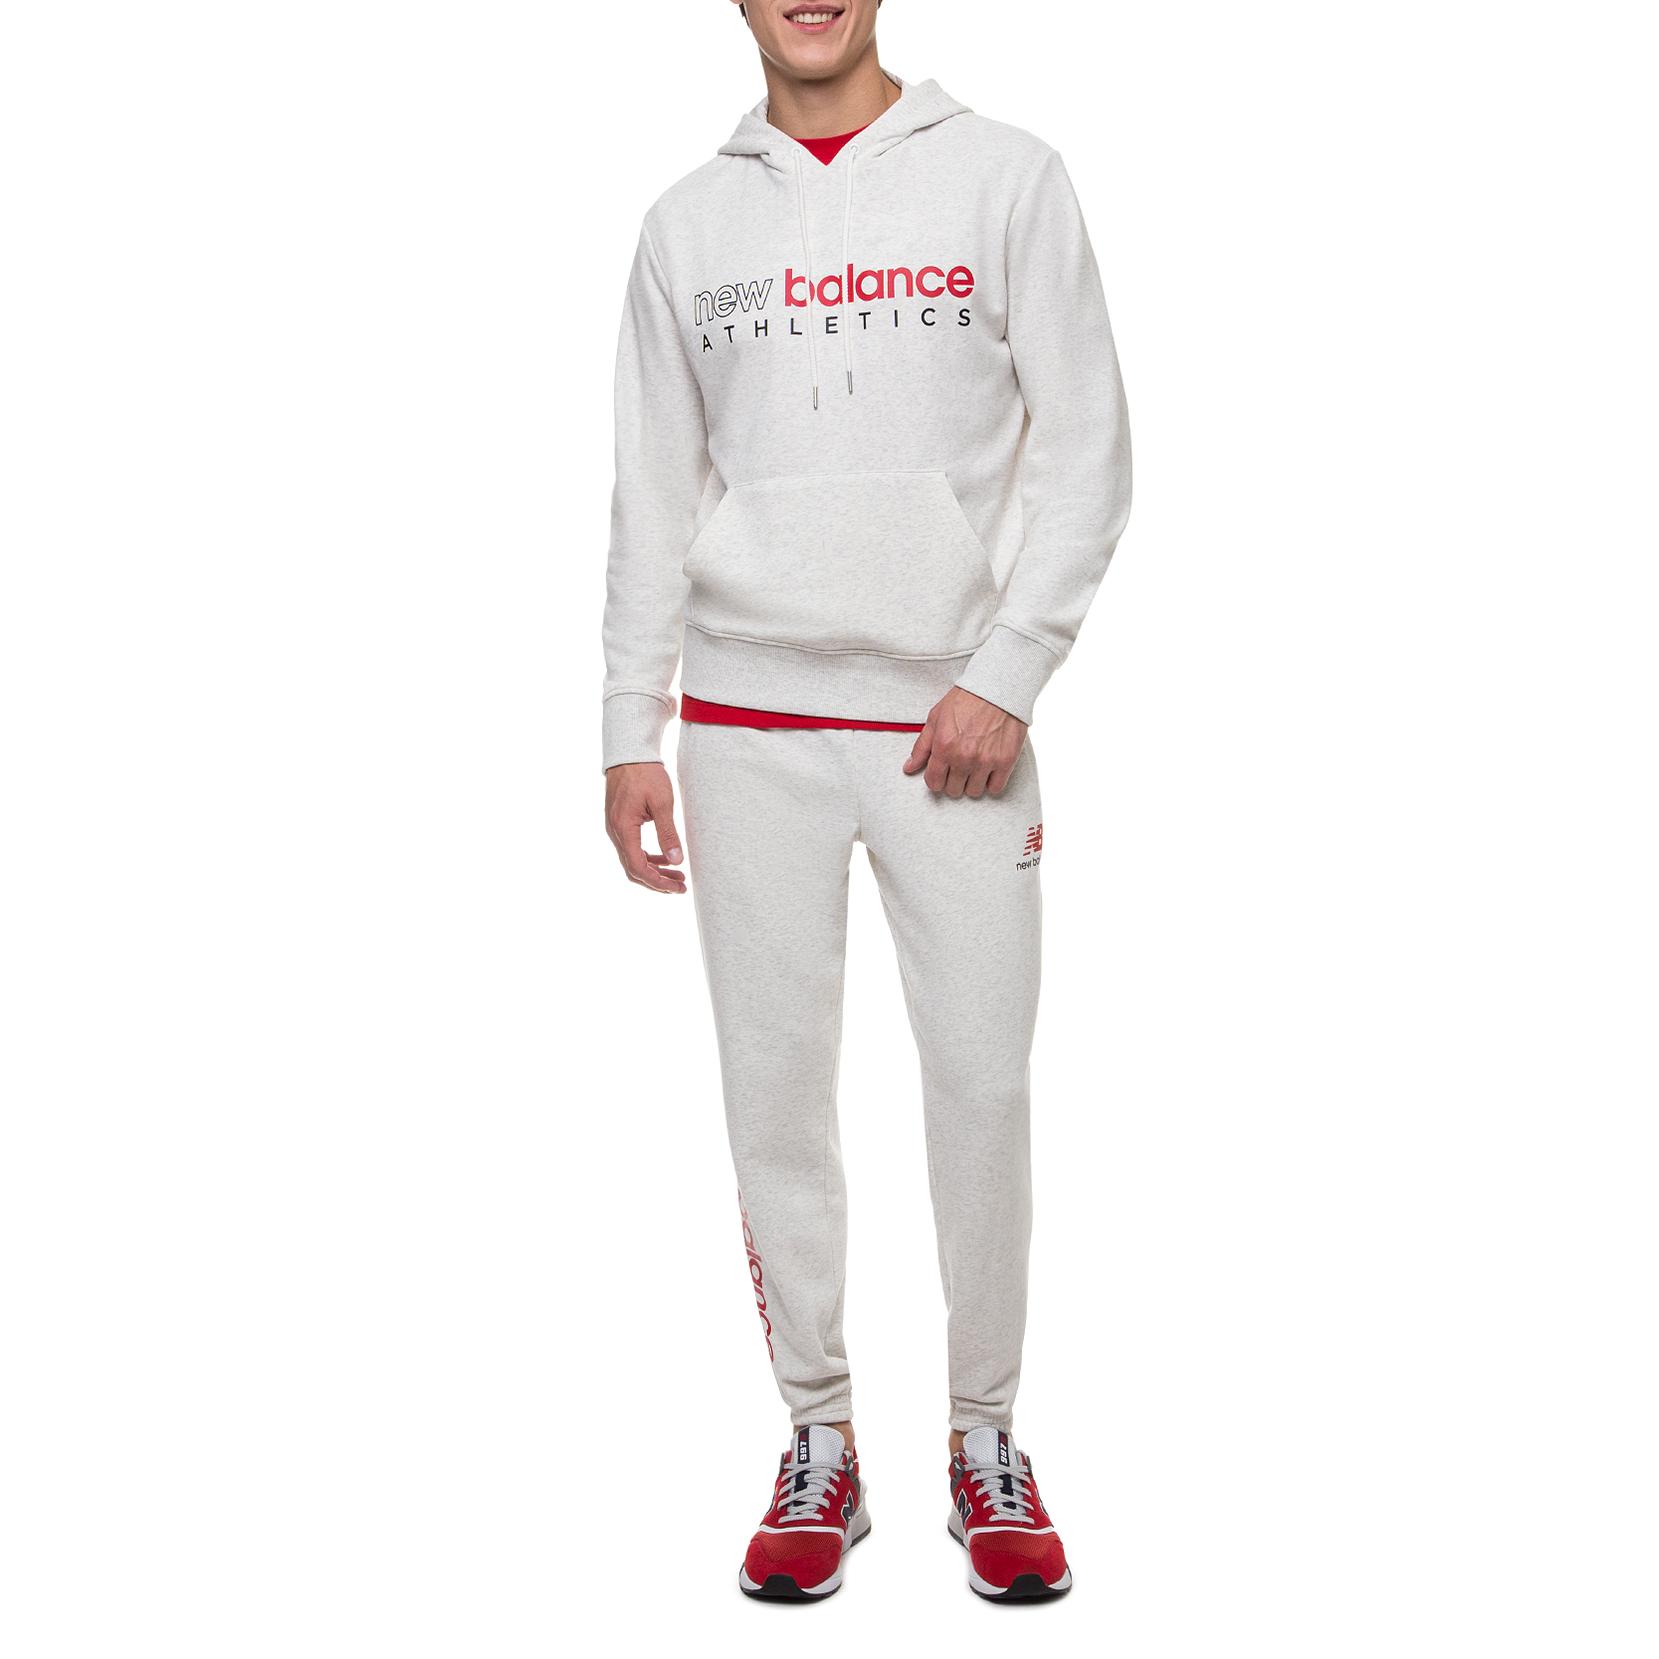 Спортивні брюки Essentials Icon для чоловіків MP01508SAH | New Balance